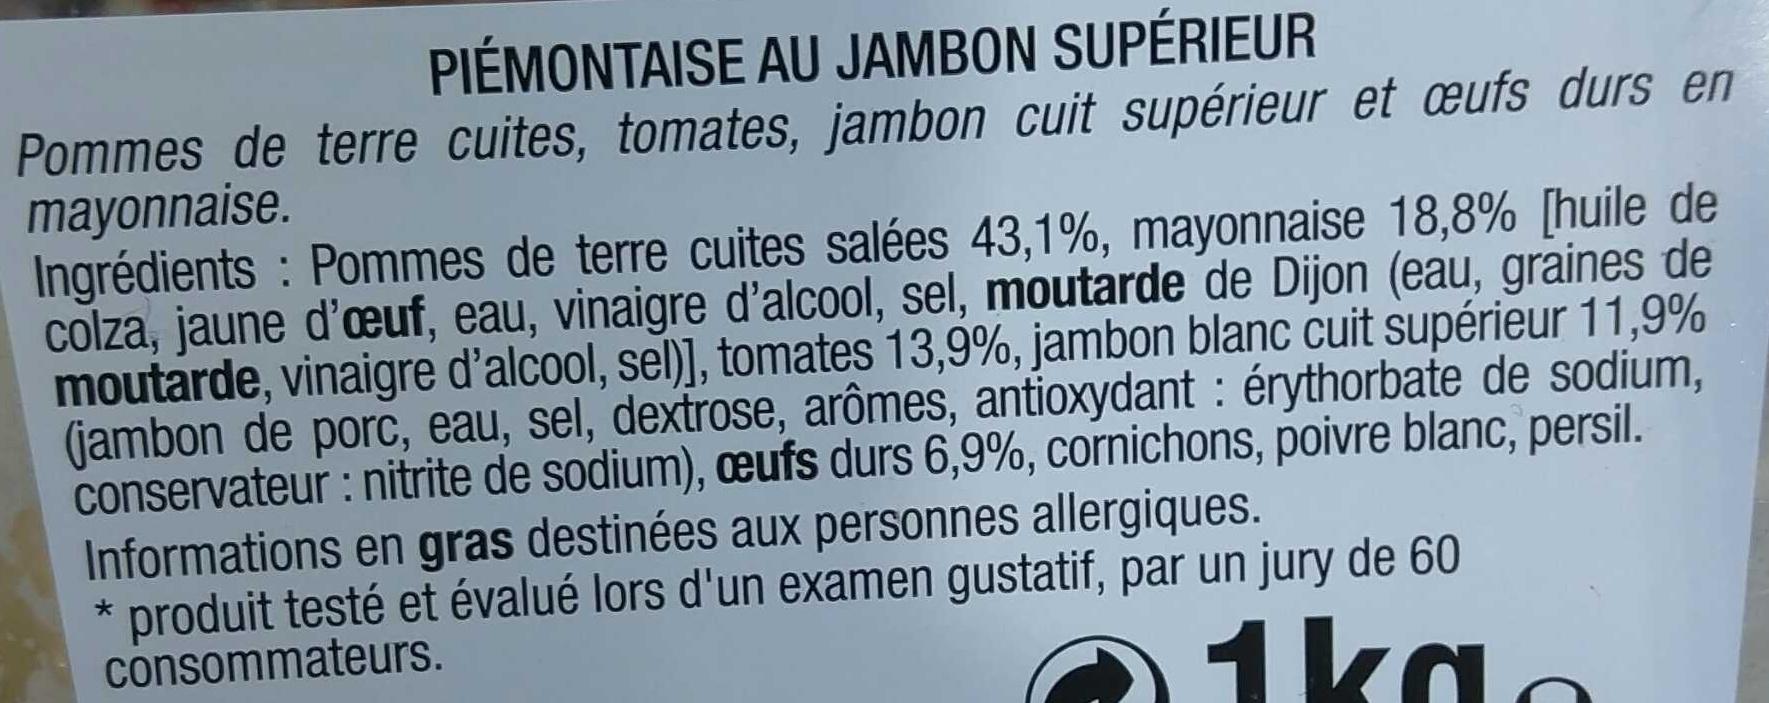 Piémontaise au Jambon Supérieur - Ingrédients - fr